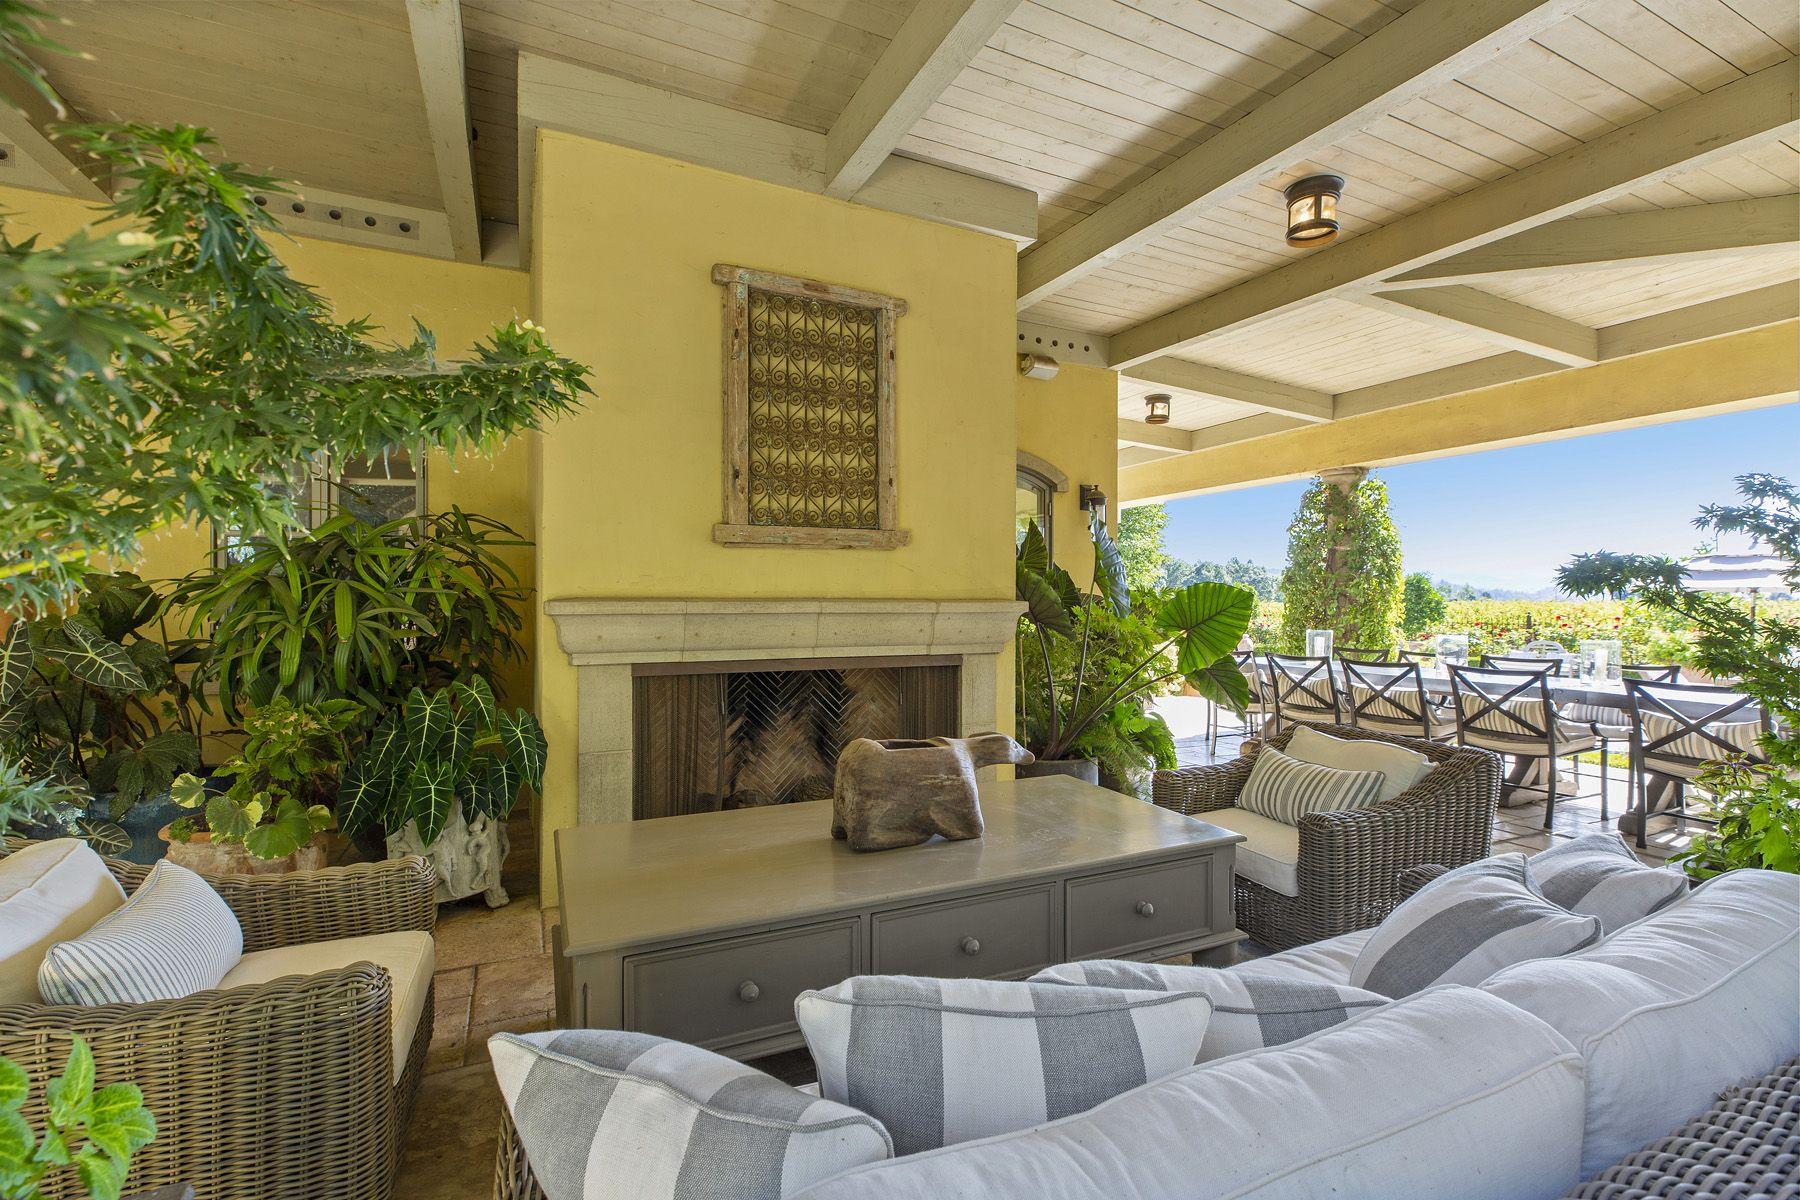 #NapaValley #CydGreer #RealEstate #LuxuryLiving #LuxuryRealEstate #LuxuryHomes #HighEnd #Homes